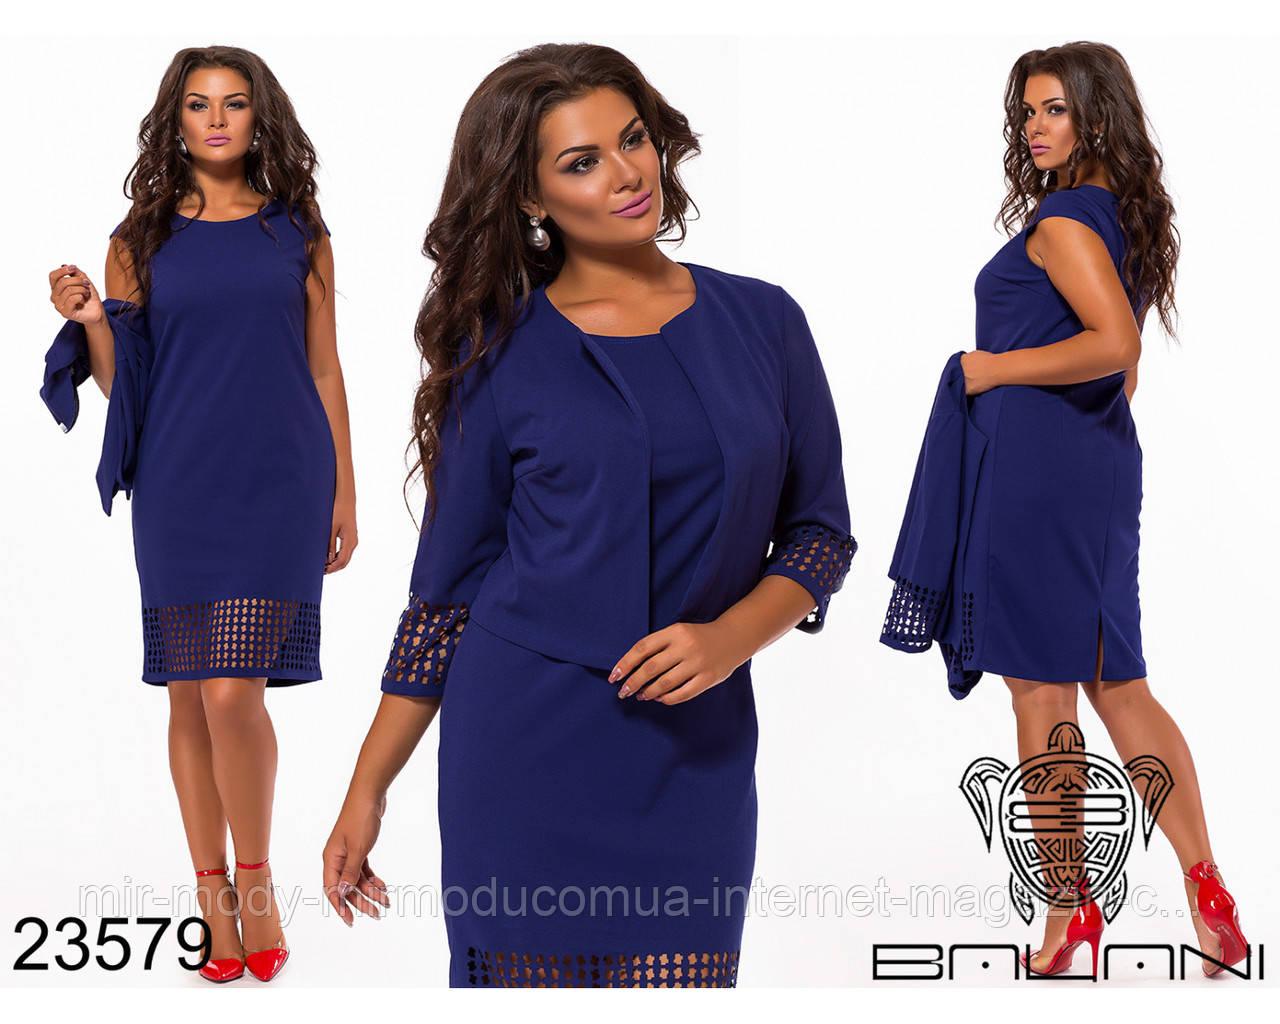 Платье двойка с пиджаком- 23579 с 48 по 54 размер (бн)